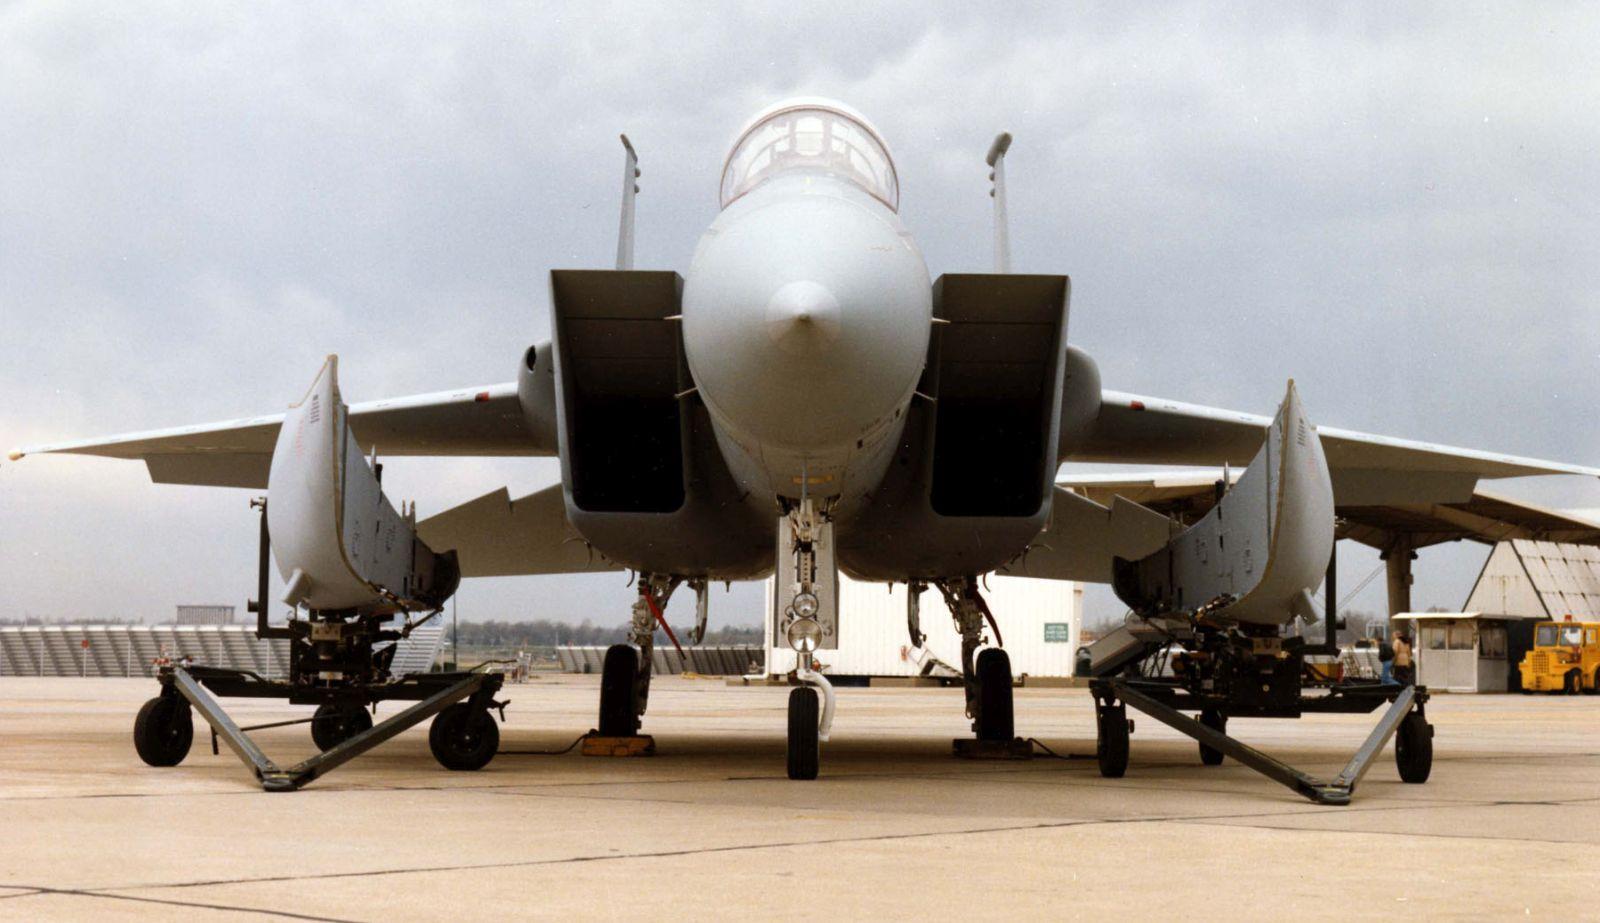 F-15 Eagle z konforemnymi zbiornikami paliwa czekającymi na zamocowanie (fot. US Air Force)